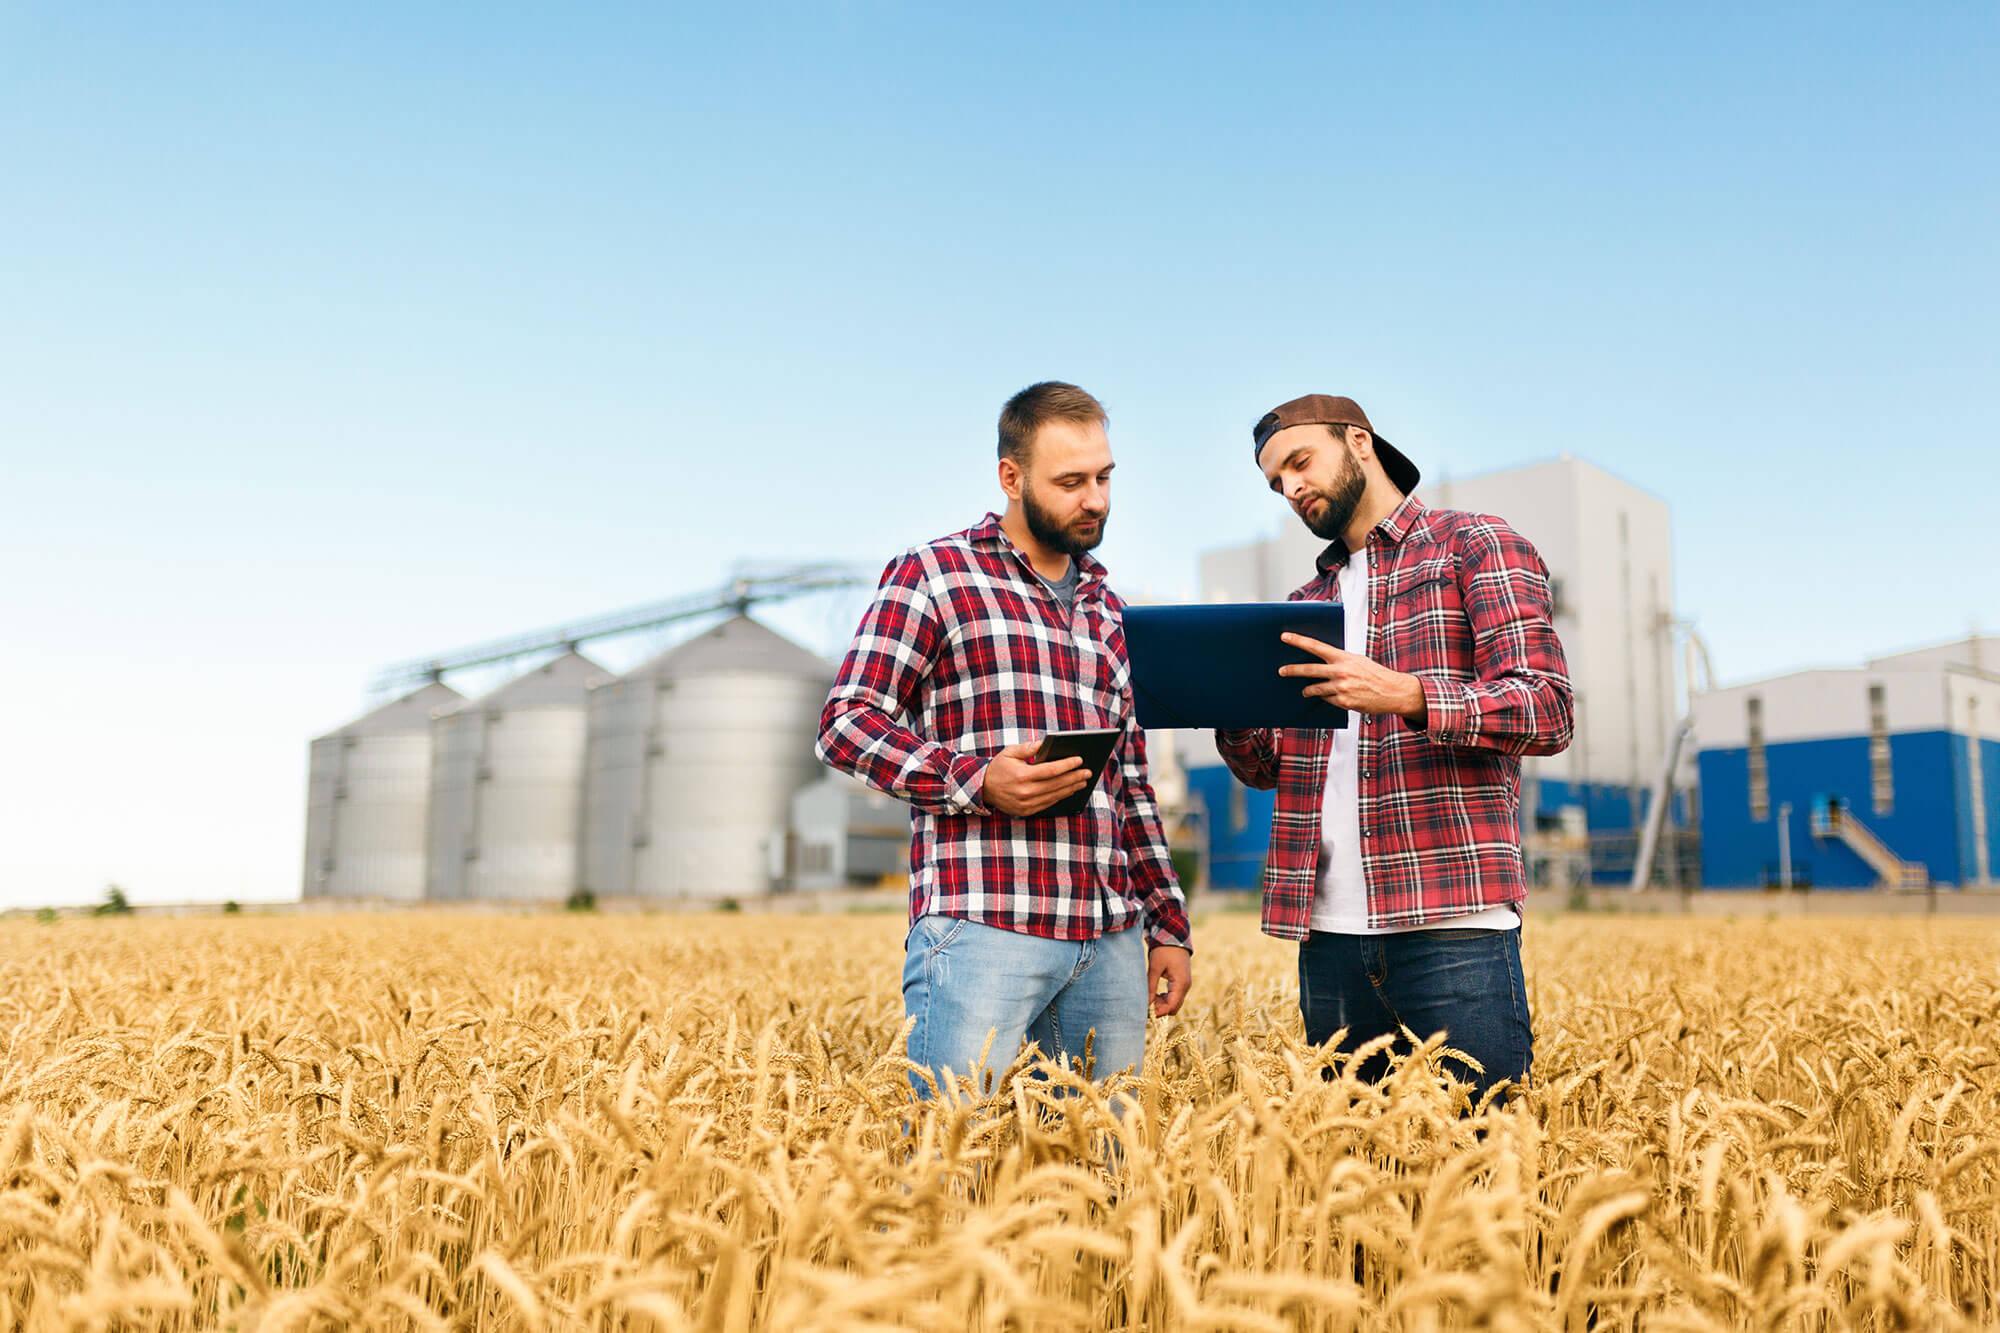 Agribusiness Fleet Tracking